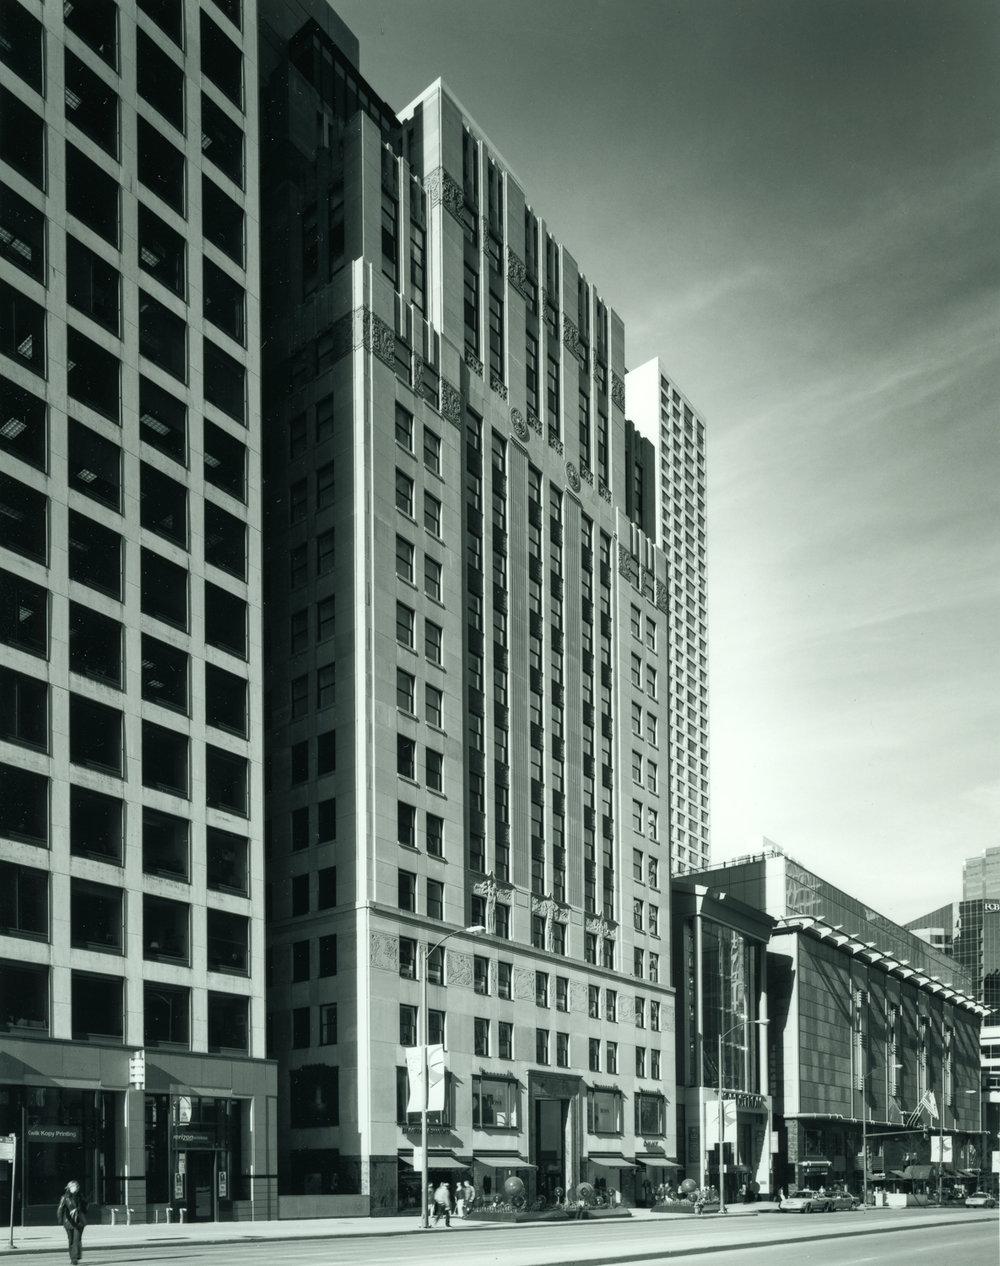 McGraw Hill Building, Michigan Avenue ©2002